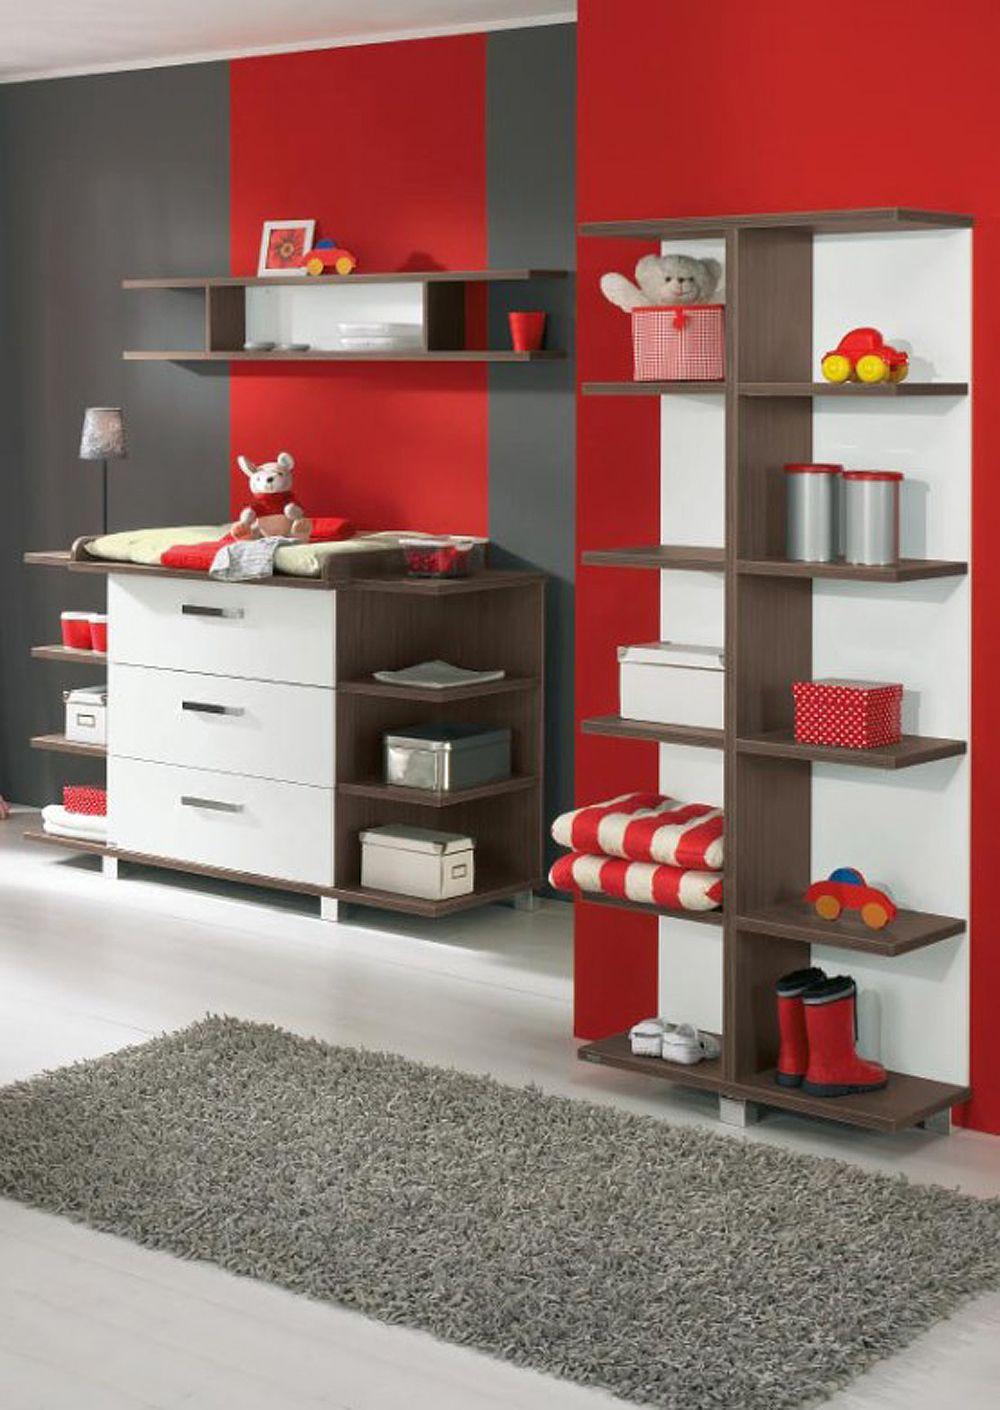 Fotos e ideas para pintar y decorar una habitaci n de - Habitaciones color gris ...